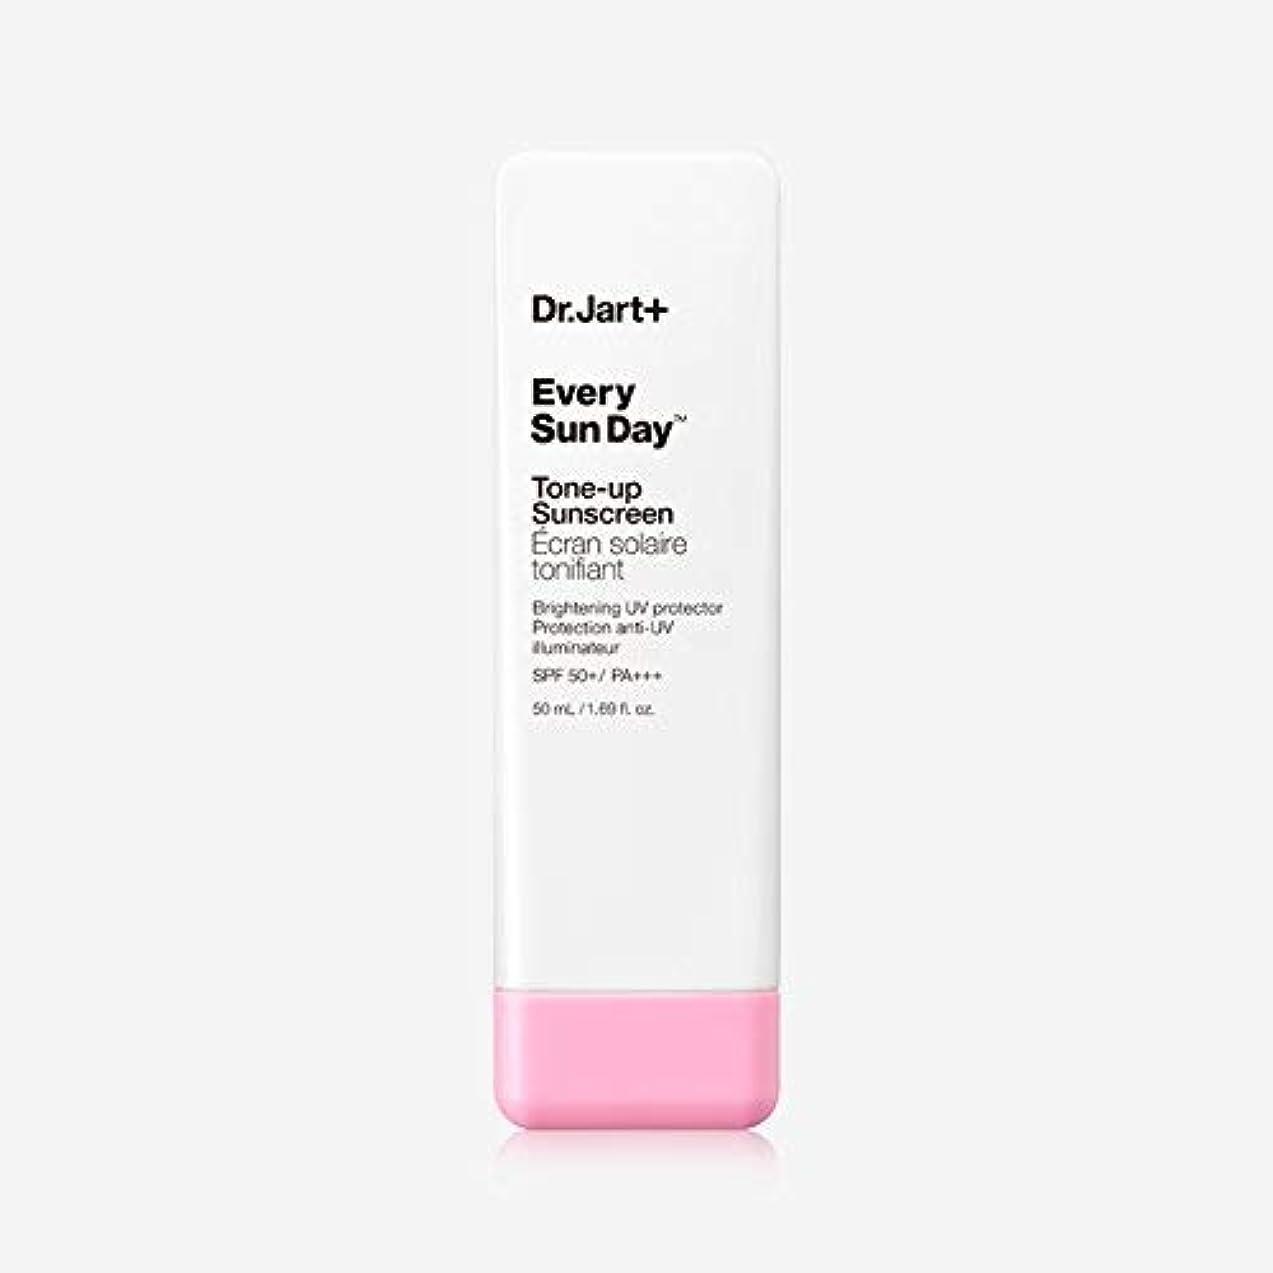 パラナ川ヘルパー乱れDr.Jart+ Every Sun Day Tone-up Sunscreen SPF50+ PA+++ 50ml / ドクタージャルトゥエヴリサンデートーンアップサンスクリーンSPF50+PA+++50ml [並行輸入品]